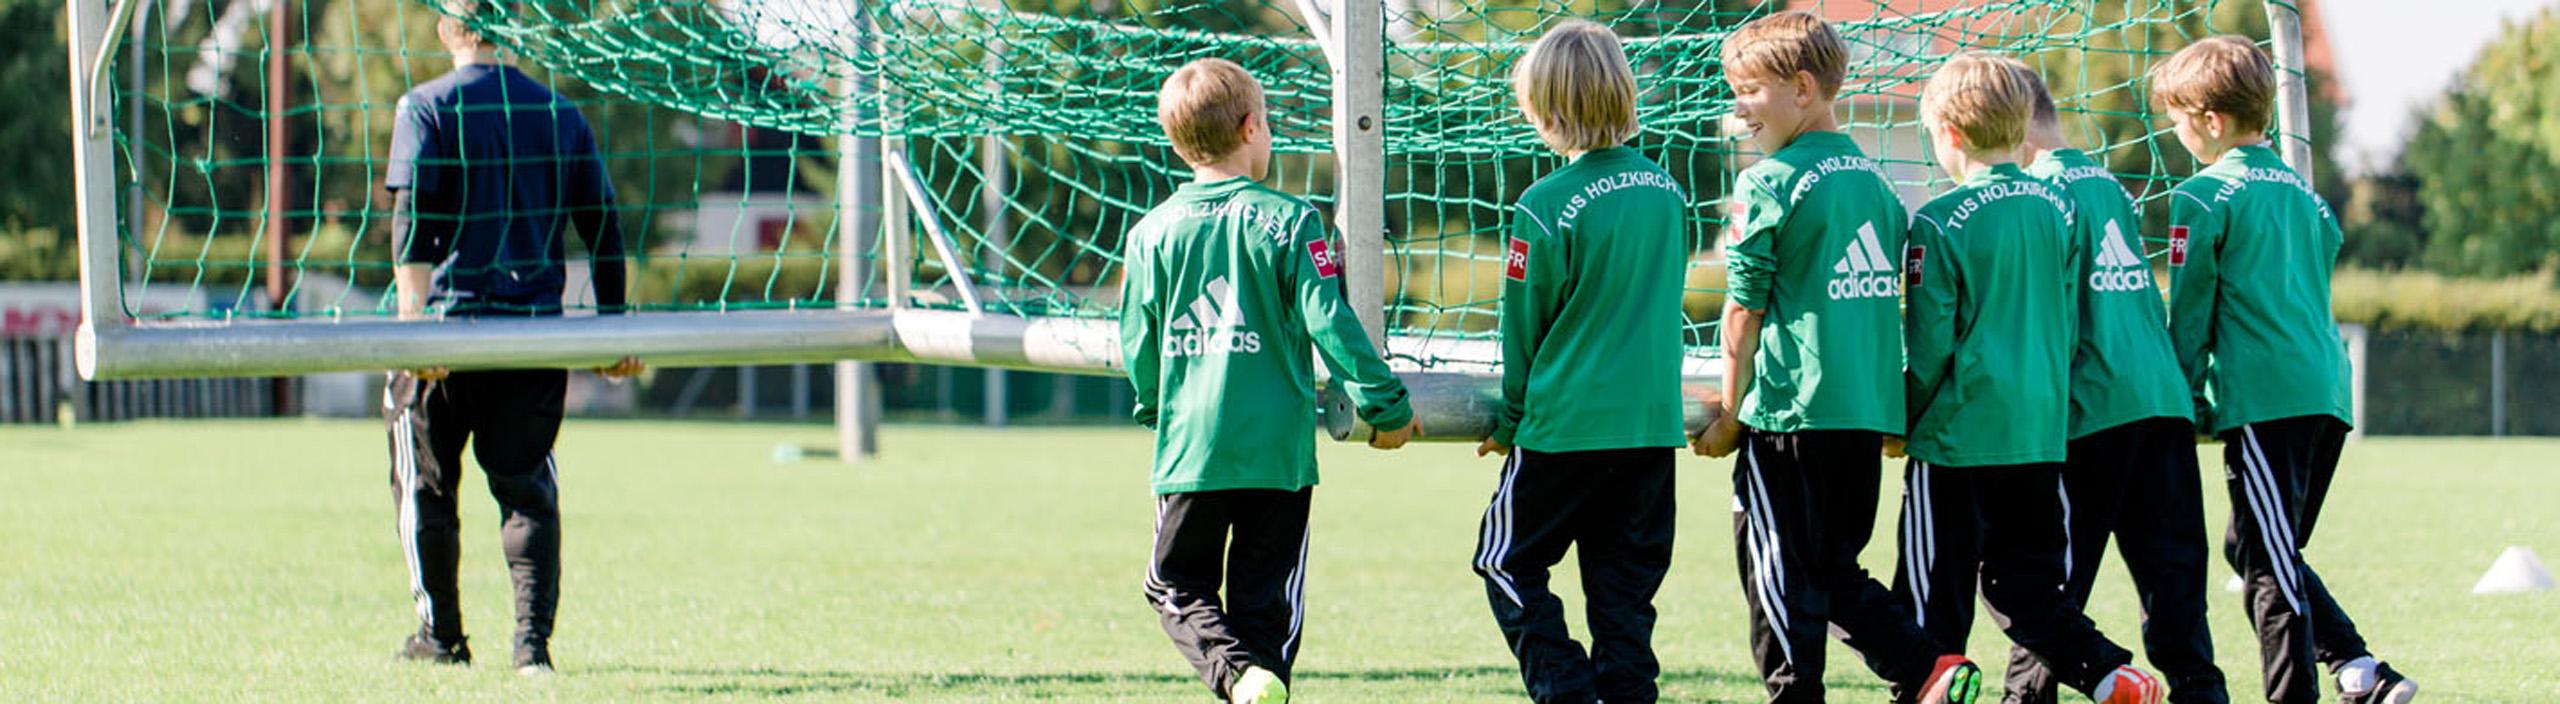 Vom größten Problem im Jugendfußball: übermotivierte Fußball-Eltern